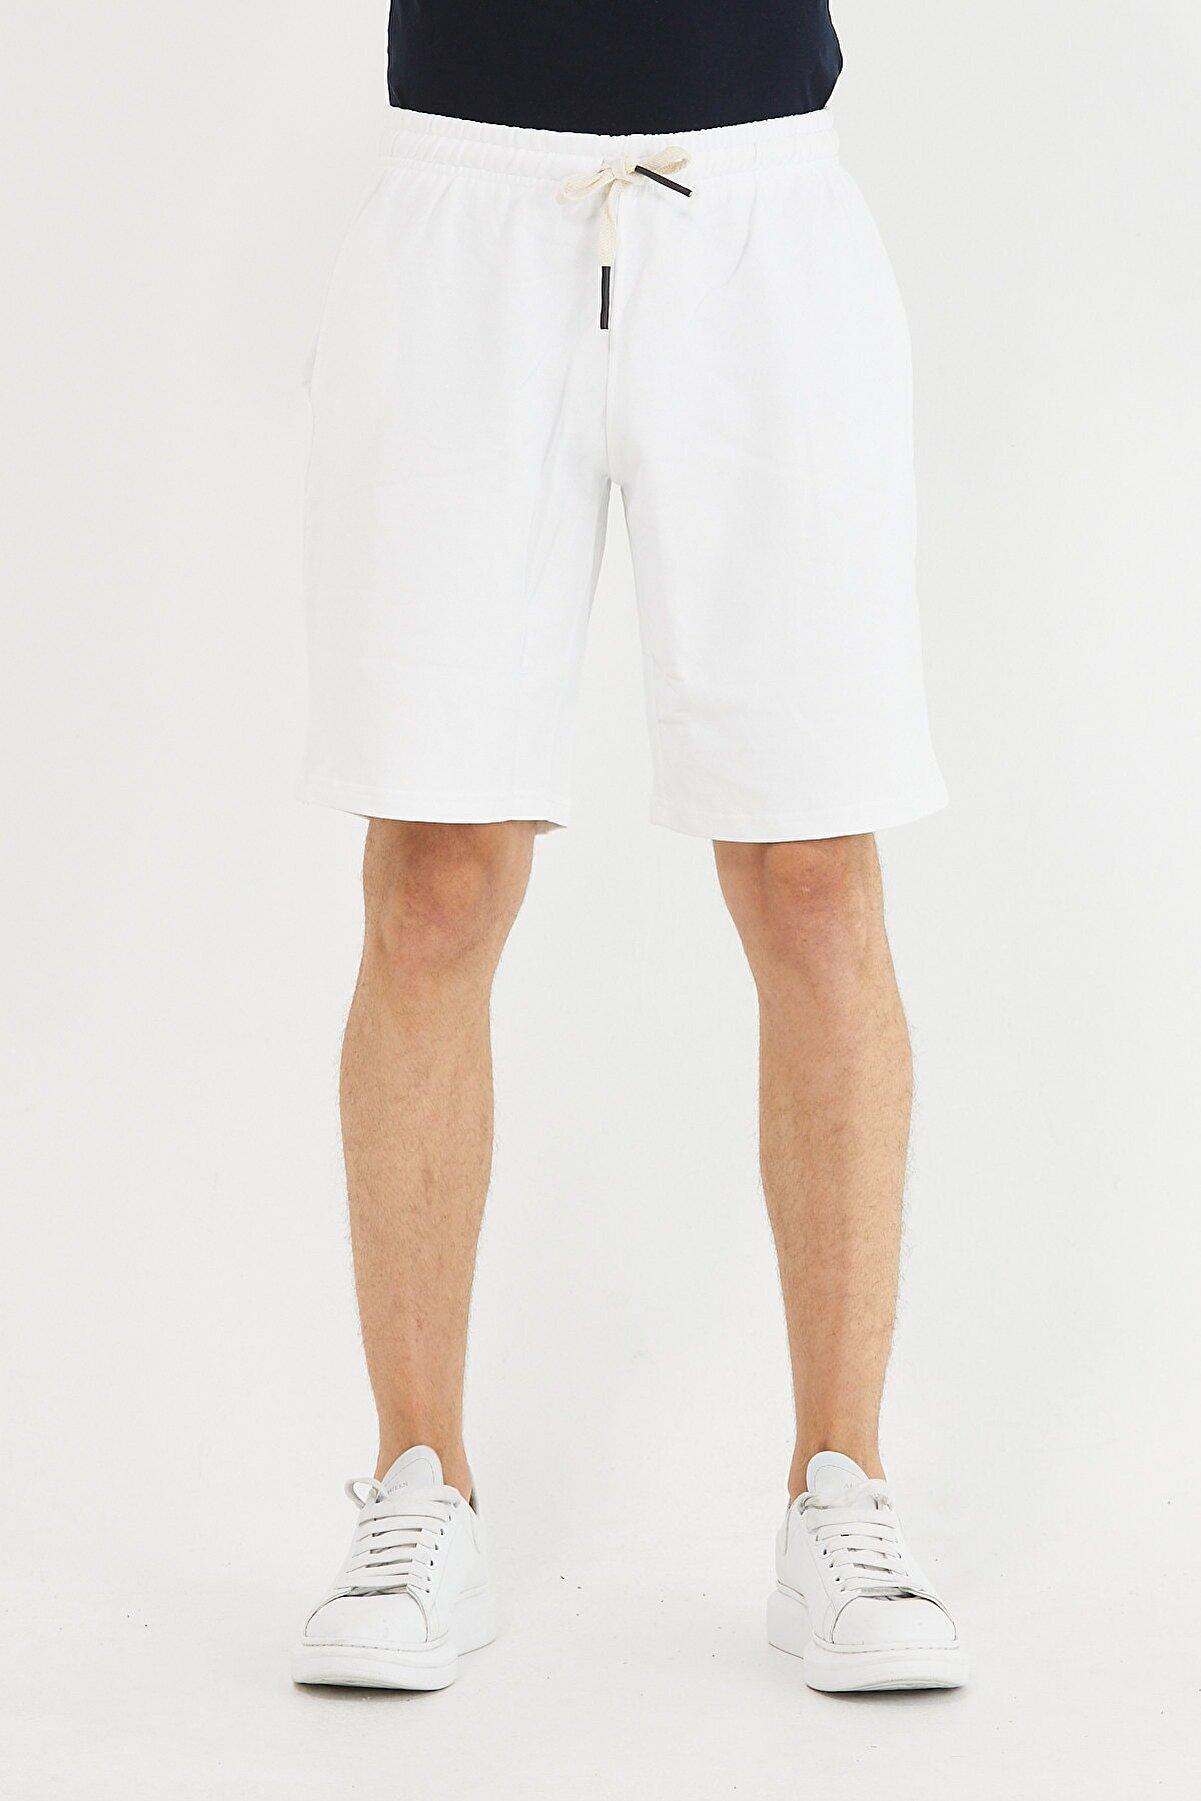 Tarz Cool Erkek Beyaz Beli Lastikli Cepli Şort & Bermuda